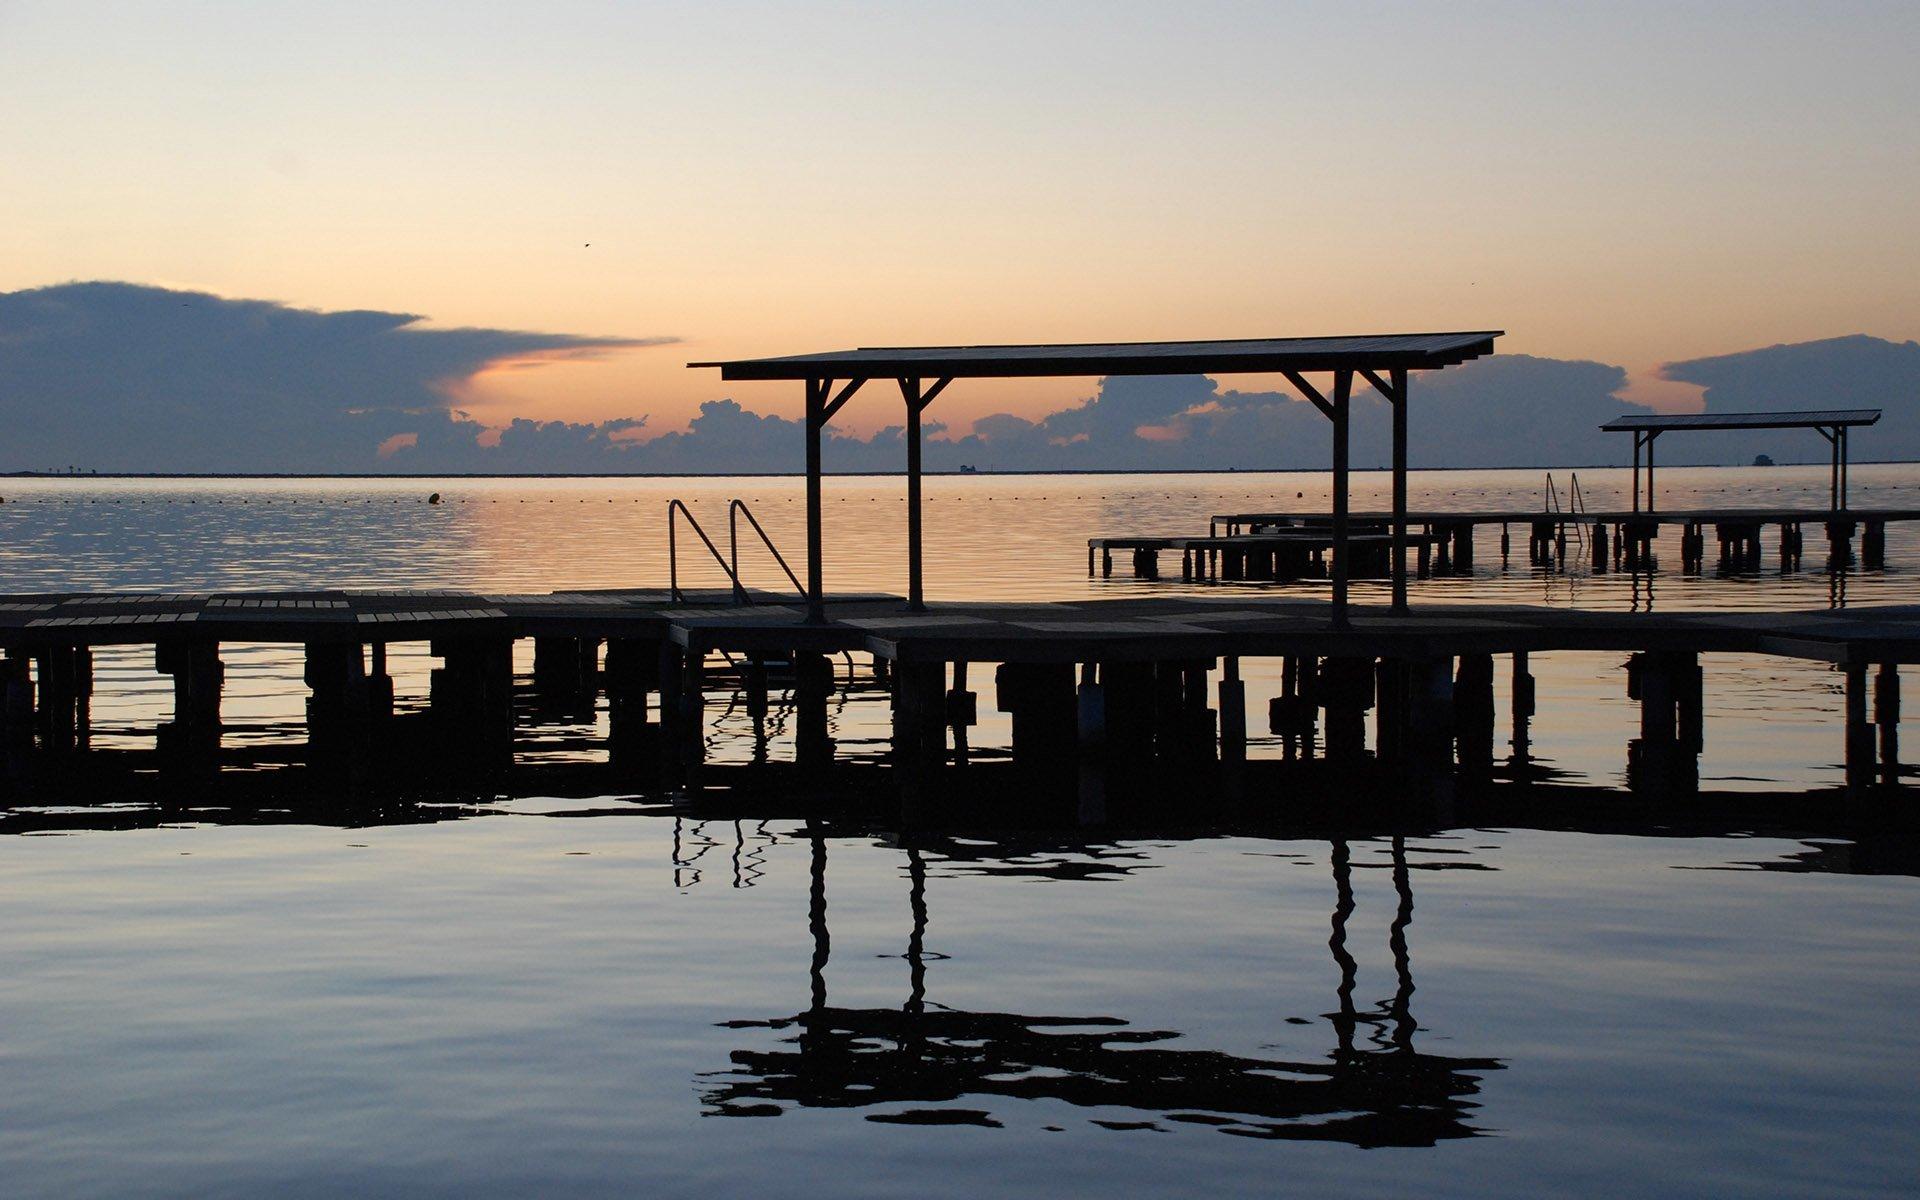 mar menor iskele ve gün batımı